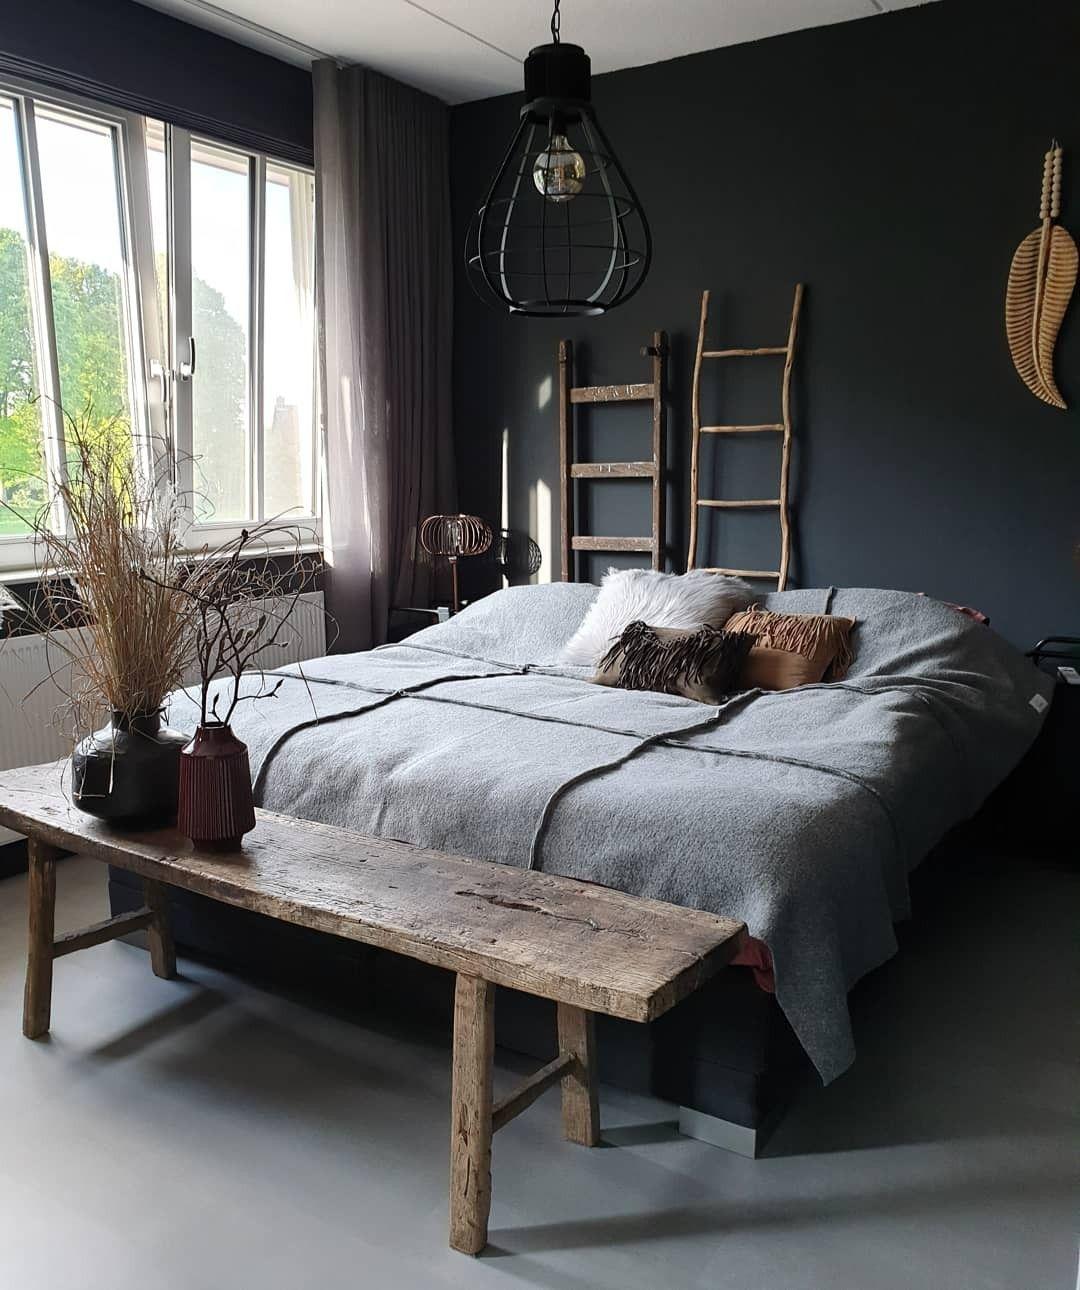 een donkere slaapkamer voor een goede nachtrust